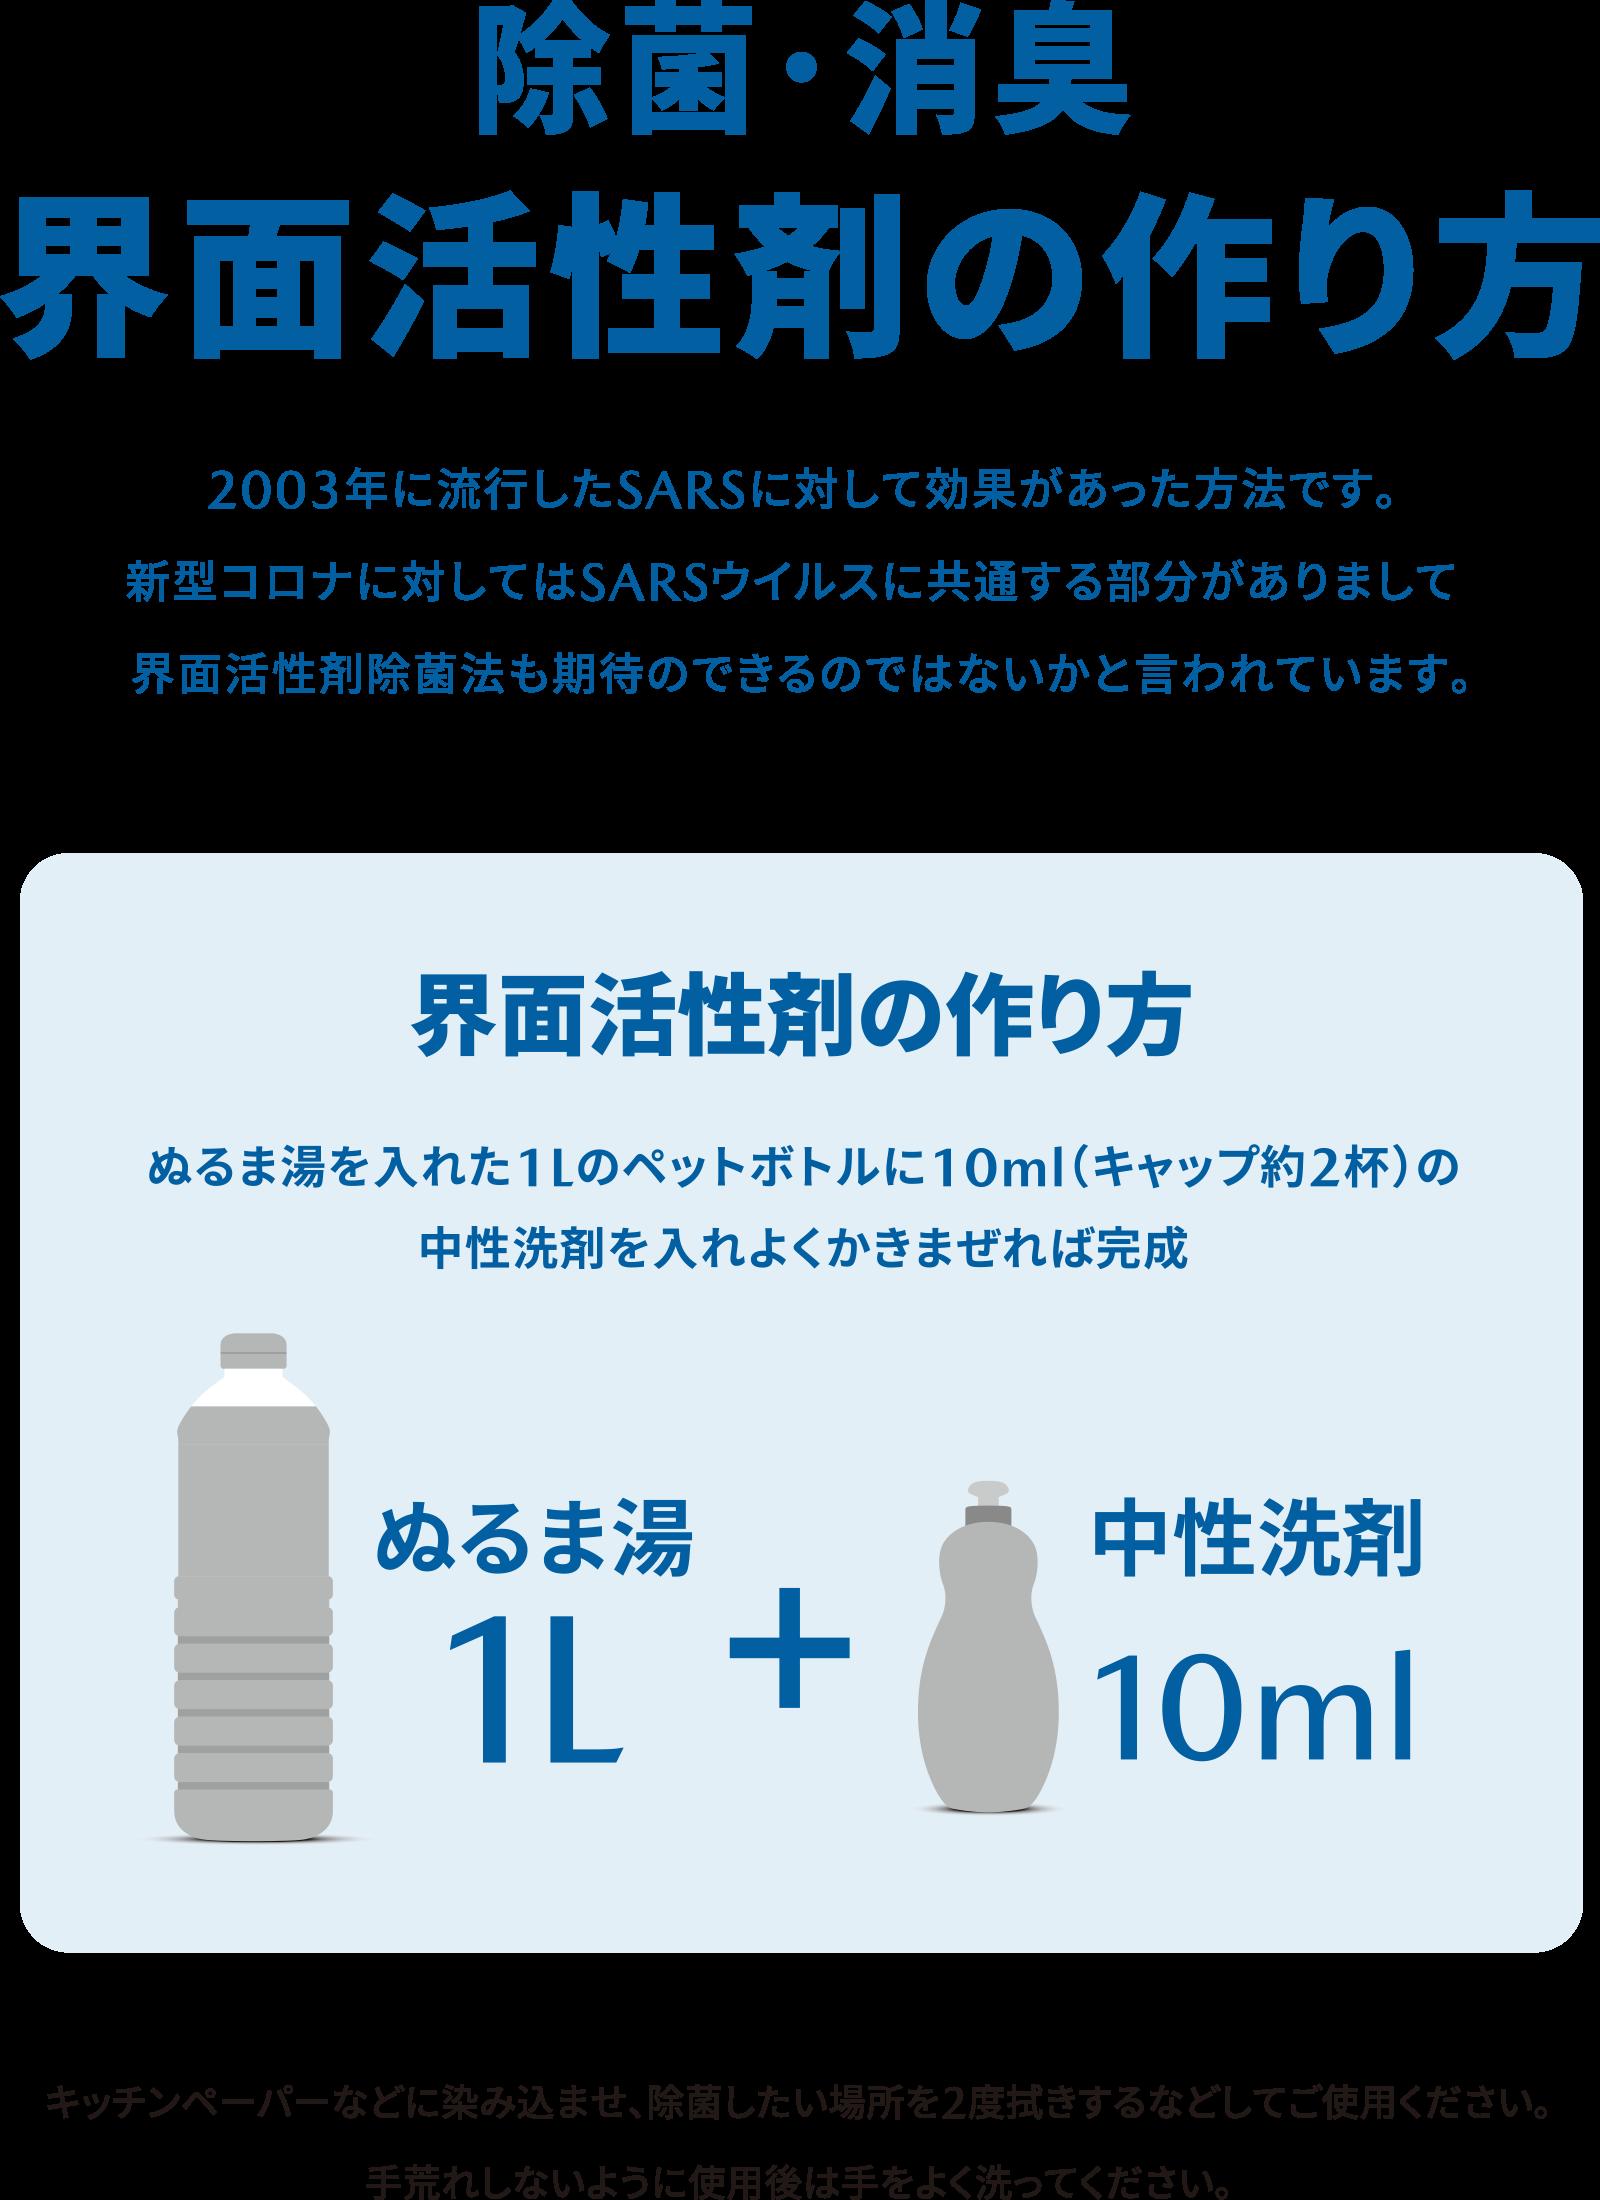 作り方 消毒 性 液 中 洗剤 界面活性剤入り洗剤を使ったコロナに有効な消毒液の作り方は?商品の種類や使い方、効果をご紹介